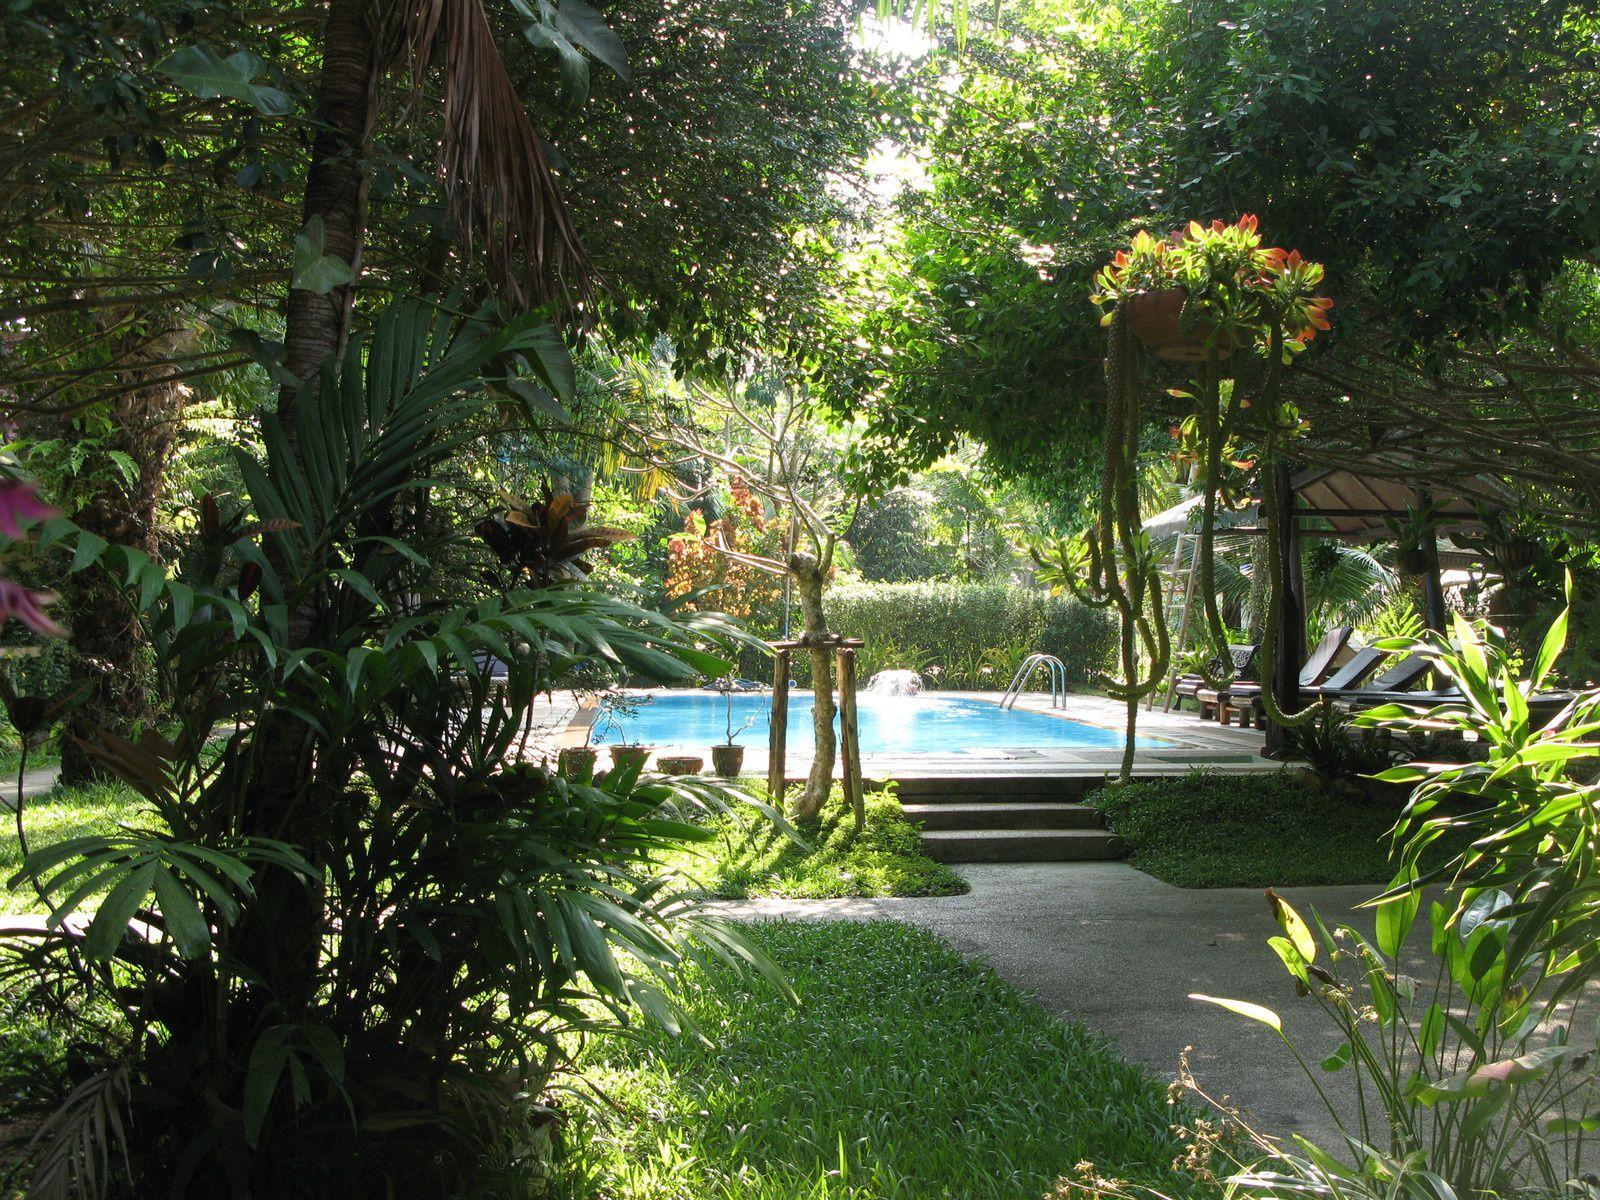 la piscine et le jardin depuis la terrasse du restaurant